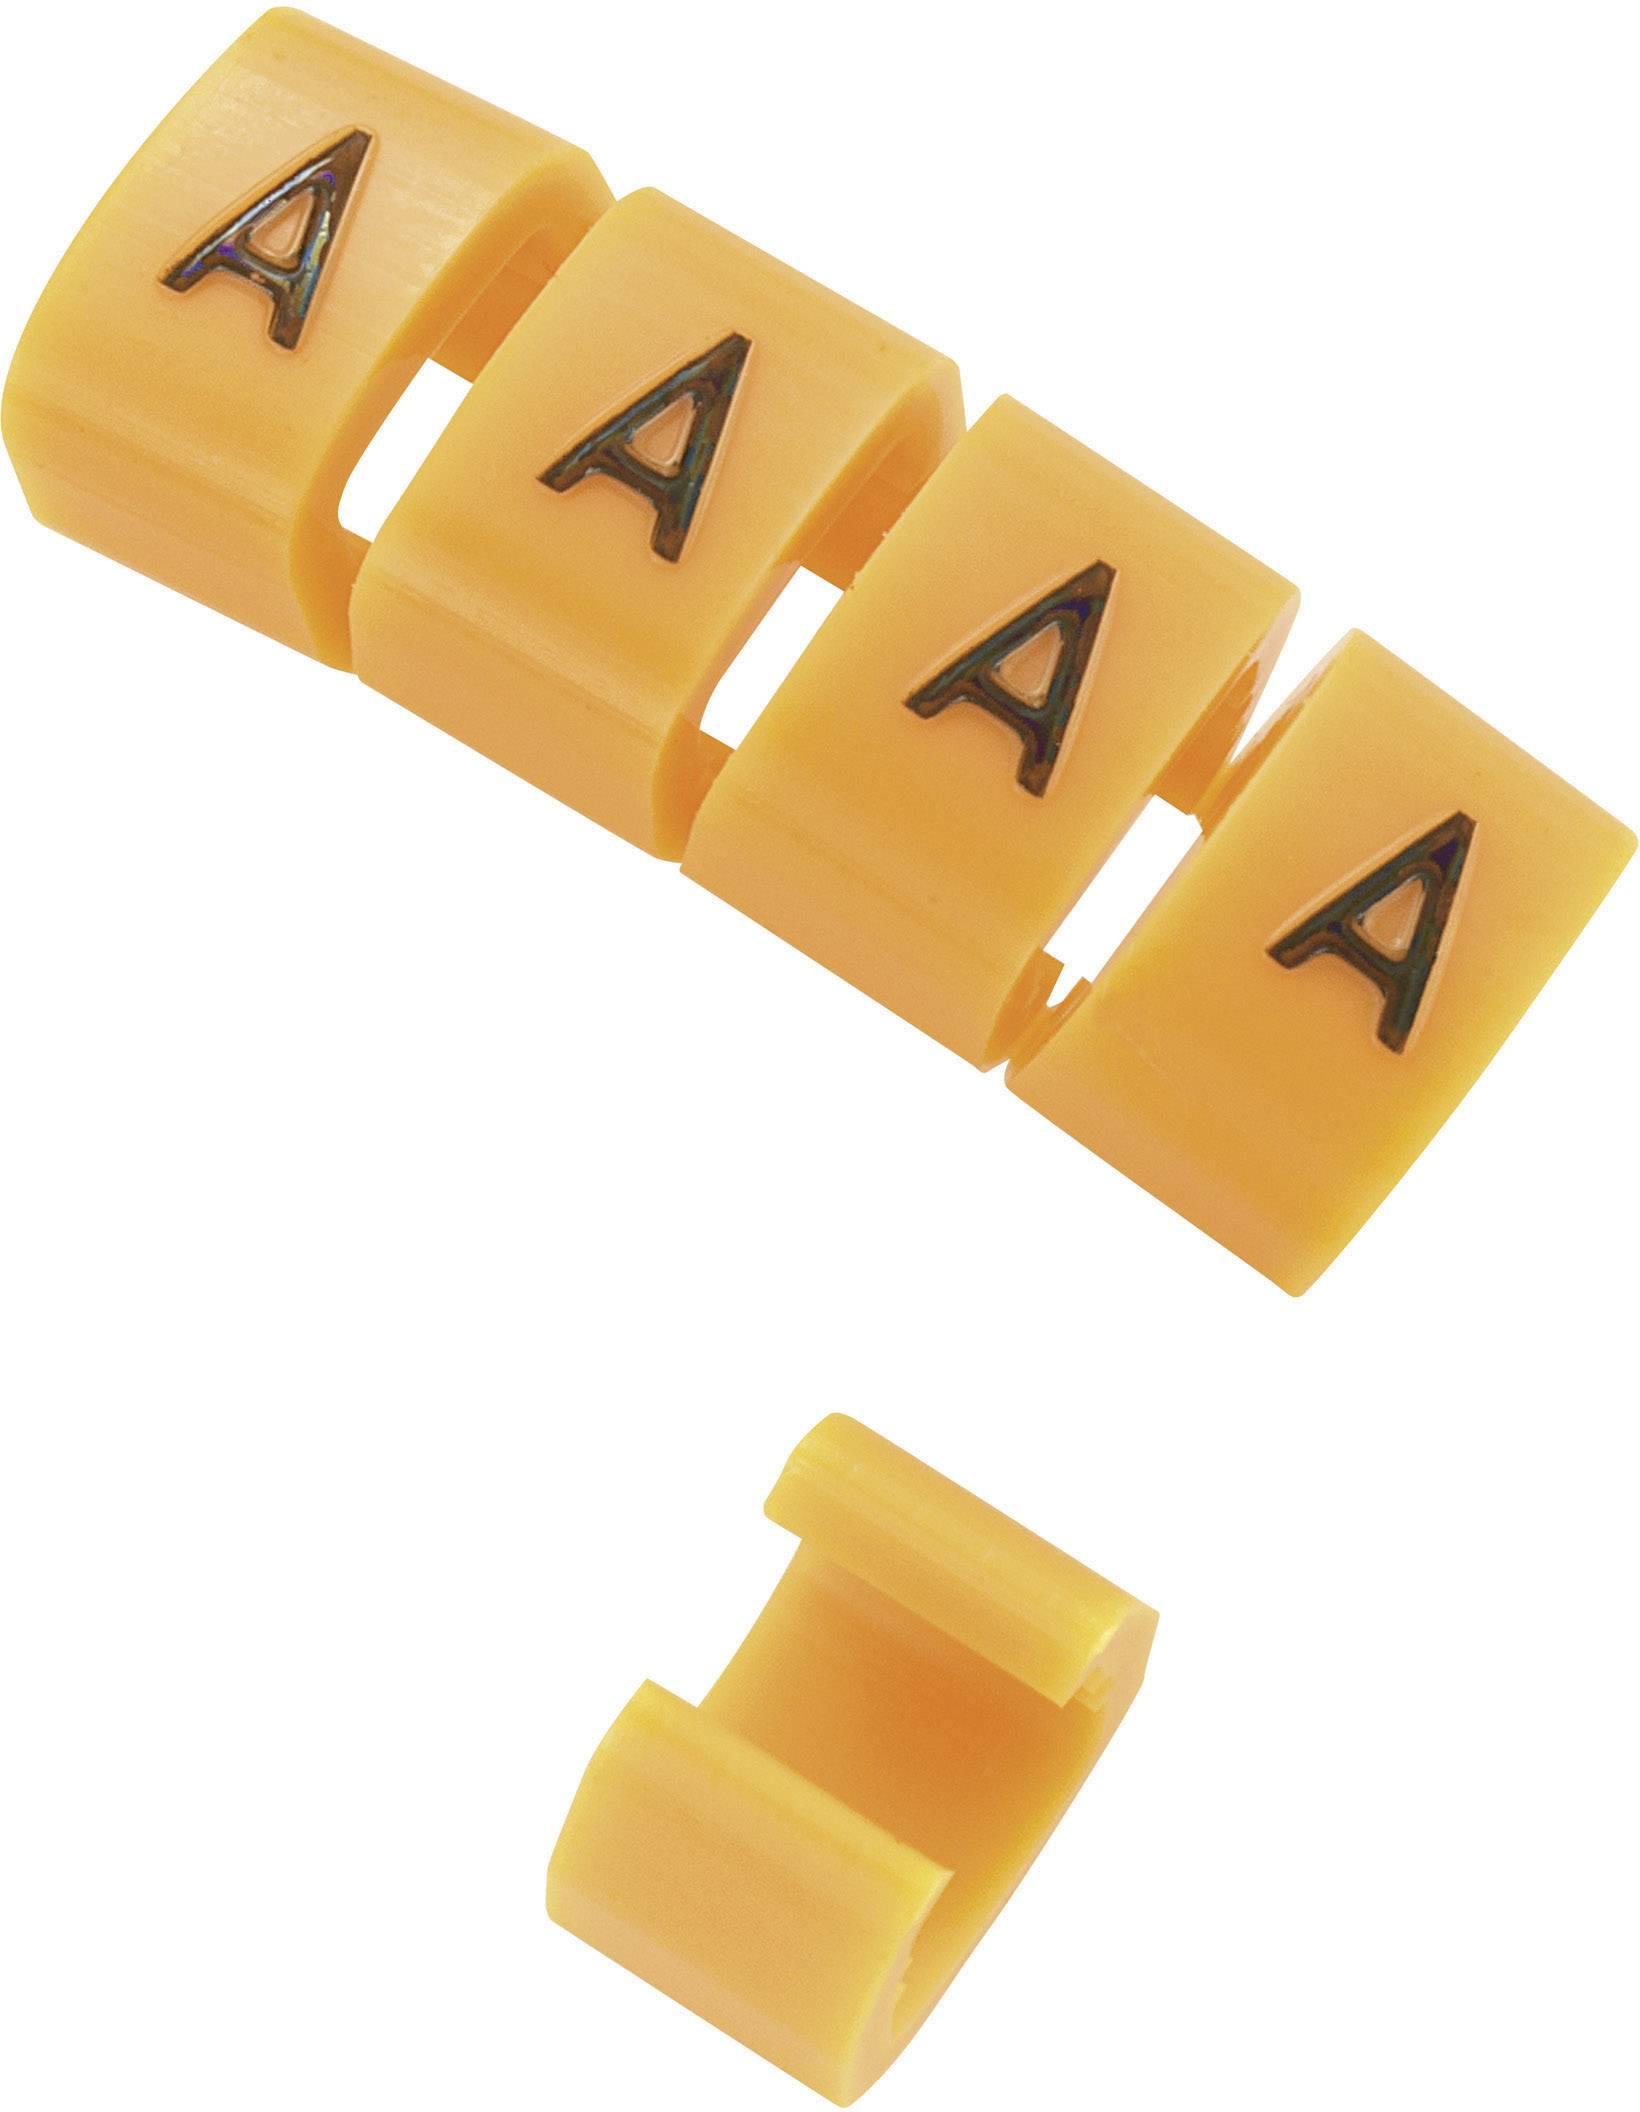 Označovacie objímka na káble KSS MB2/N, oranžová, 10 ks